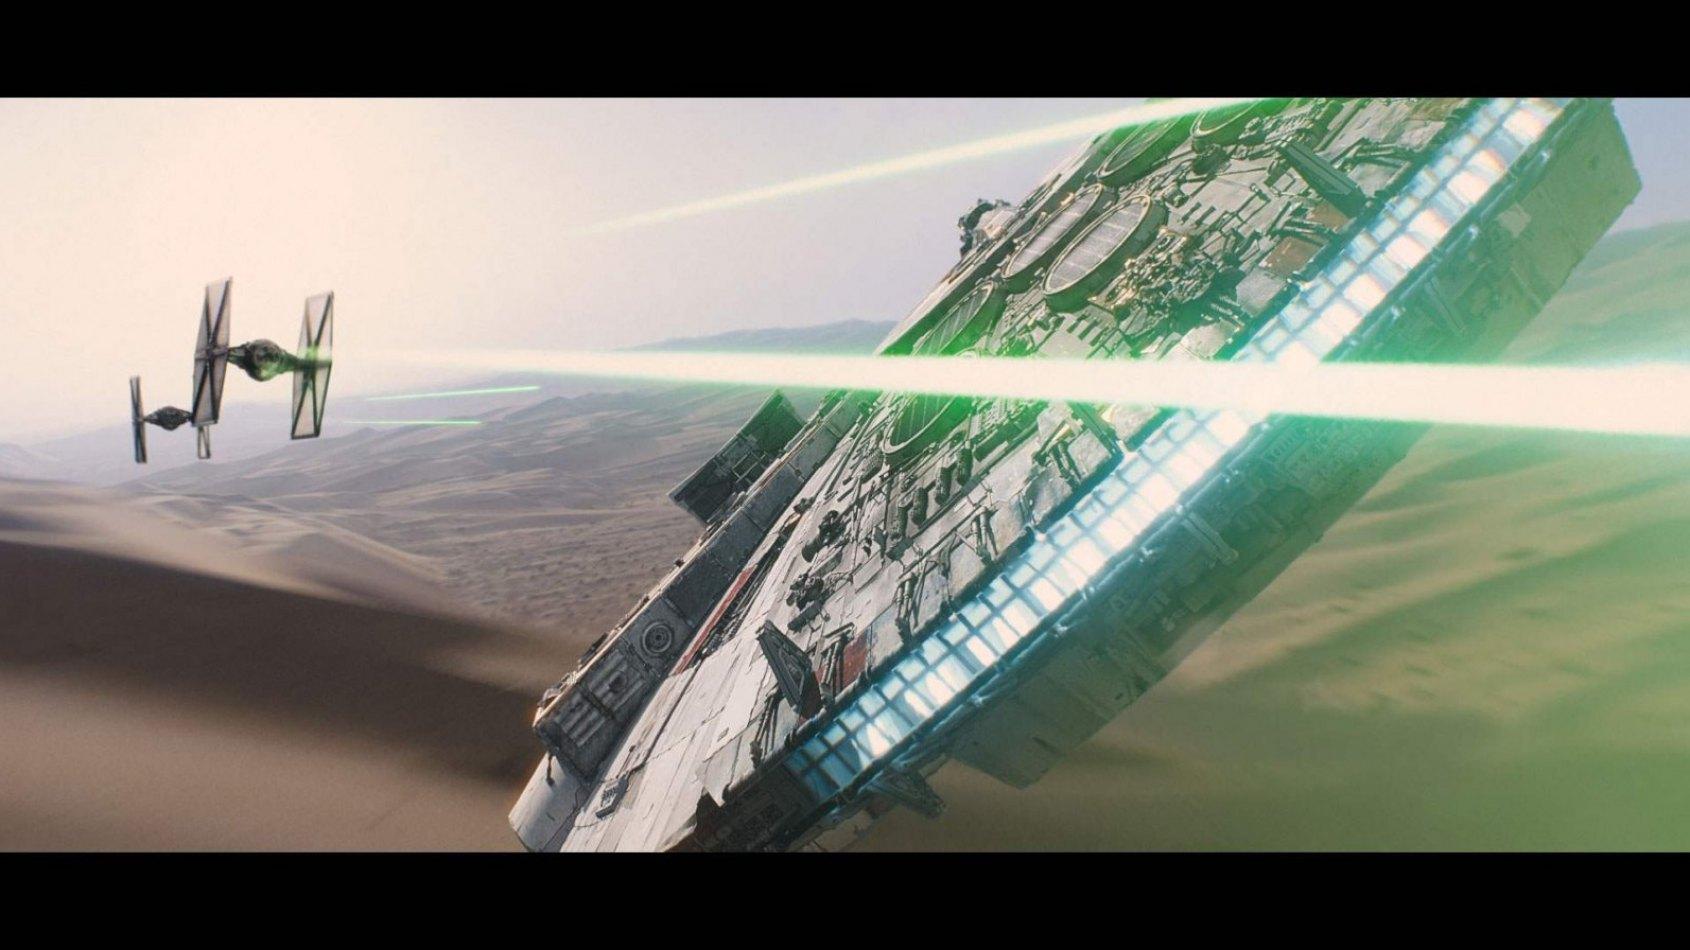 Tous les secrets FX de Star Wars : Le Réveil de la Force en une vidéo